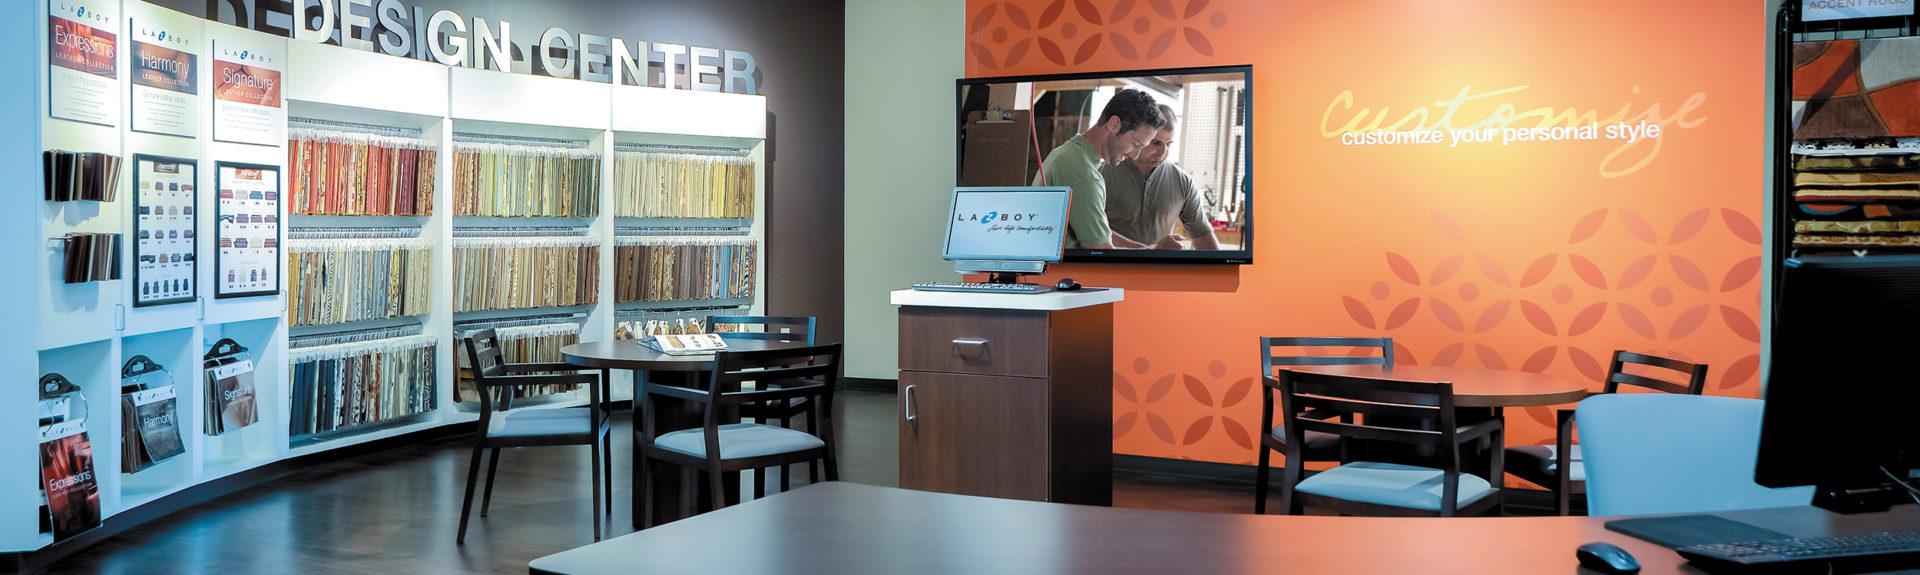 Free In Home Design Interior Designer Consultation Serving Ga Nc Sc La Z Boy Southeast